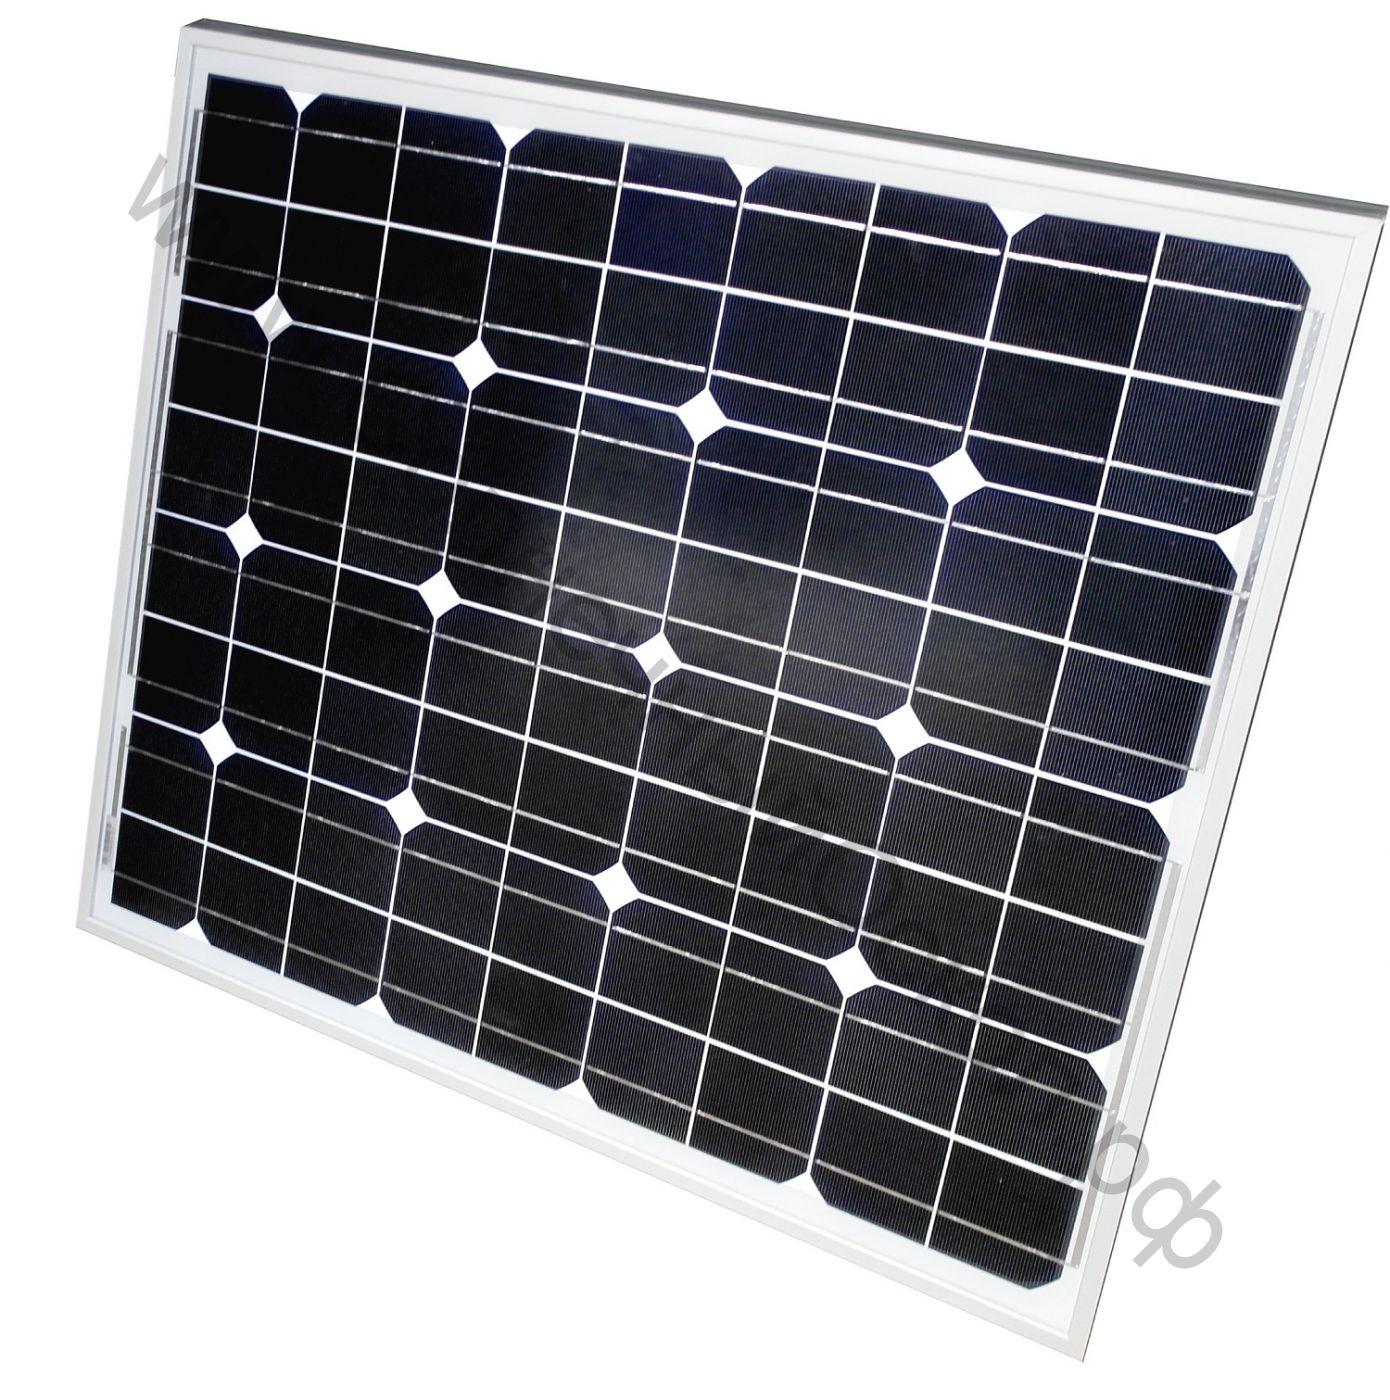 Монокристаллическая солнечная панель WDNY-80C36